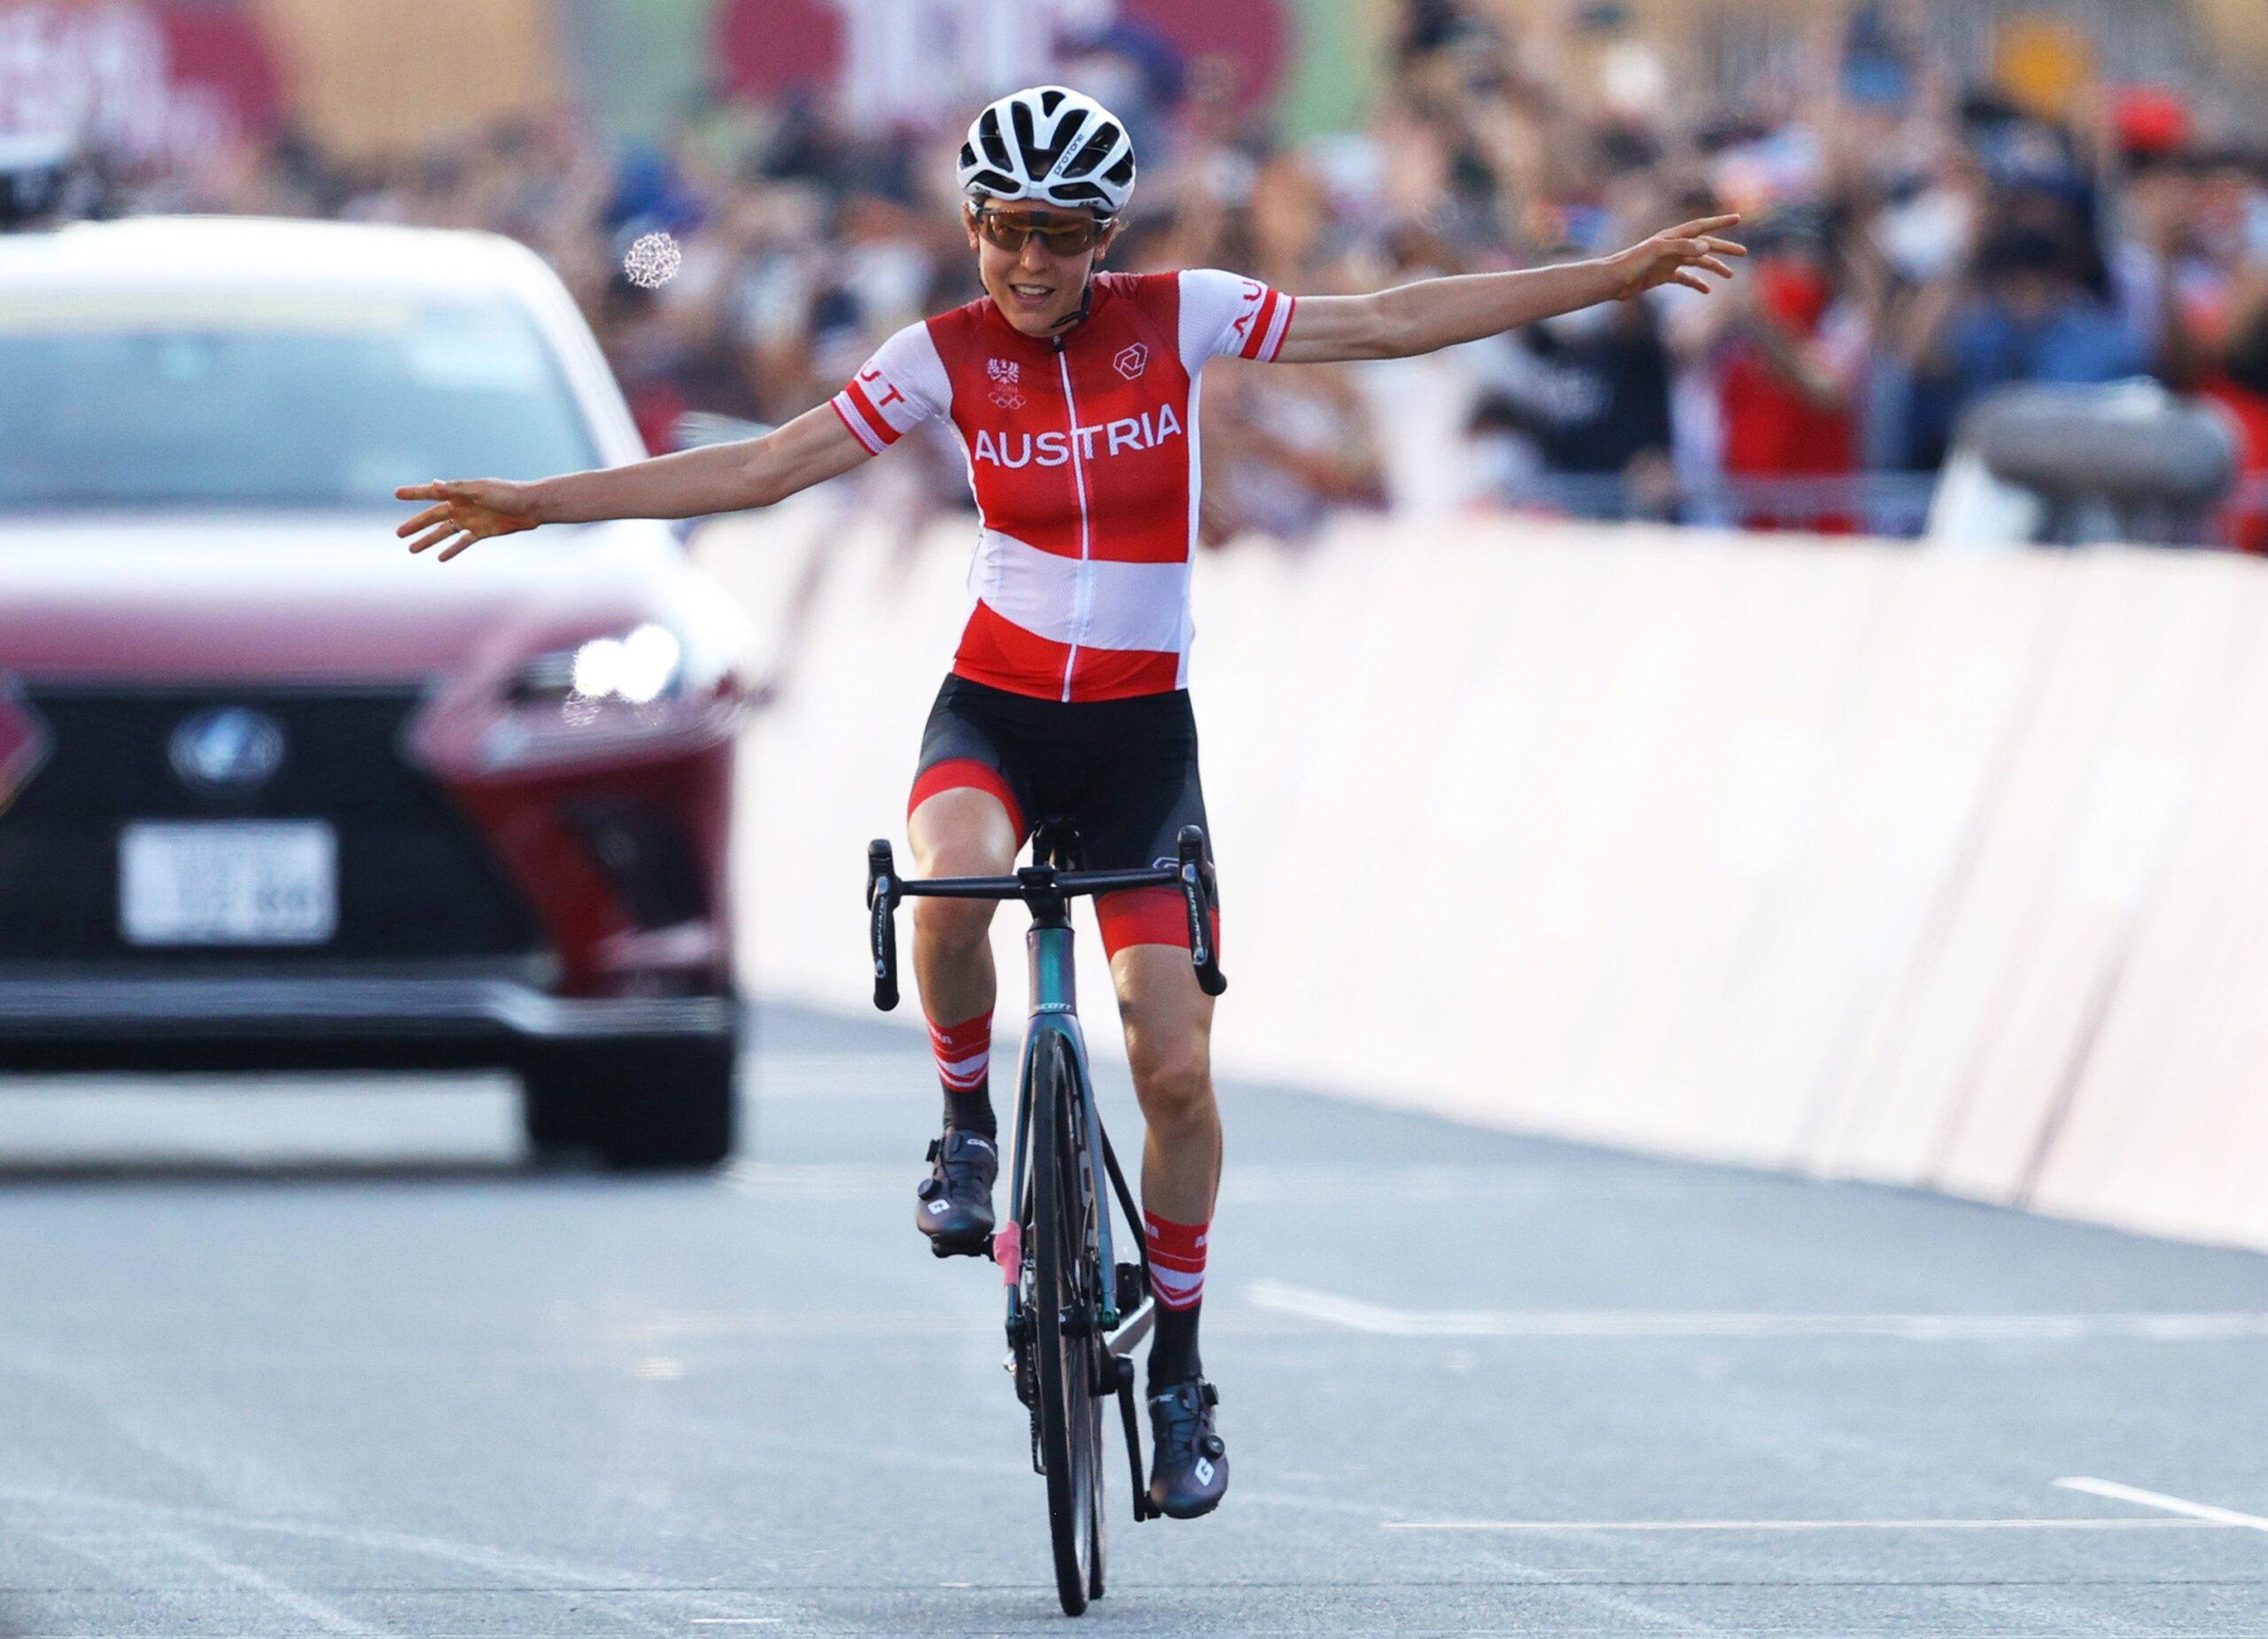 Анна Кизенхофер преподнесла именитым соперницам сюрприз на олимпийской групповой гонке у женщин